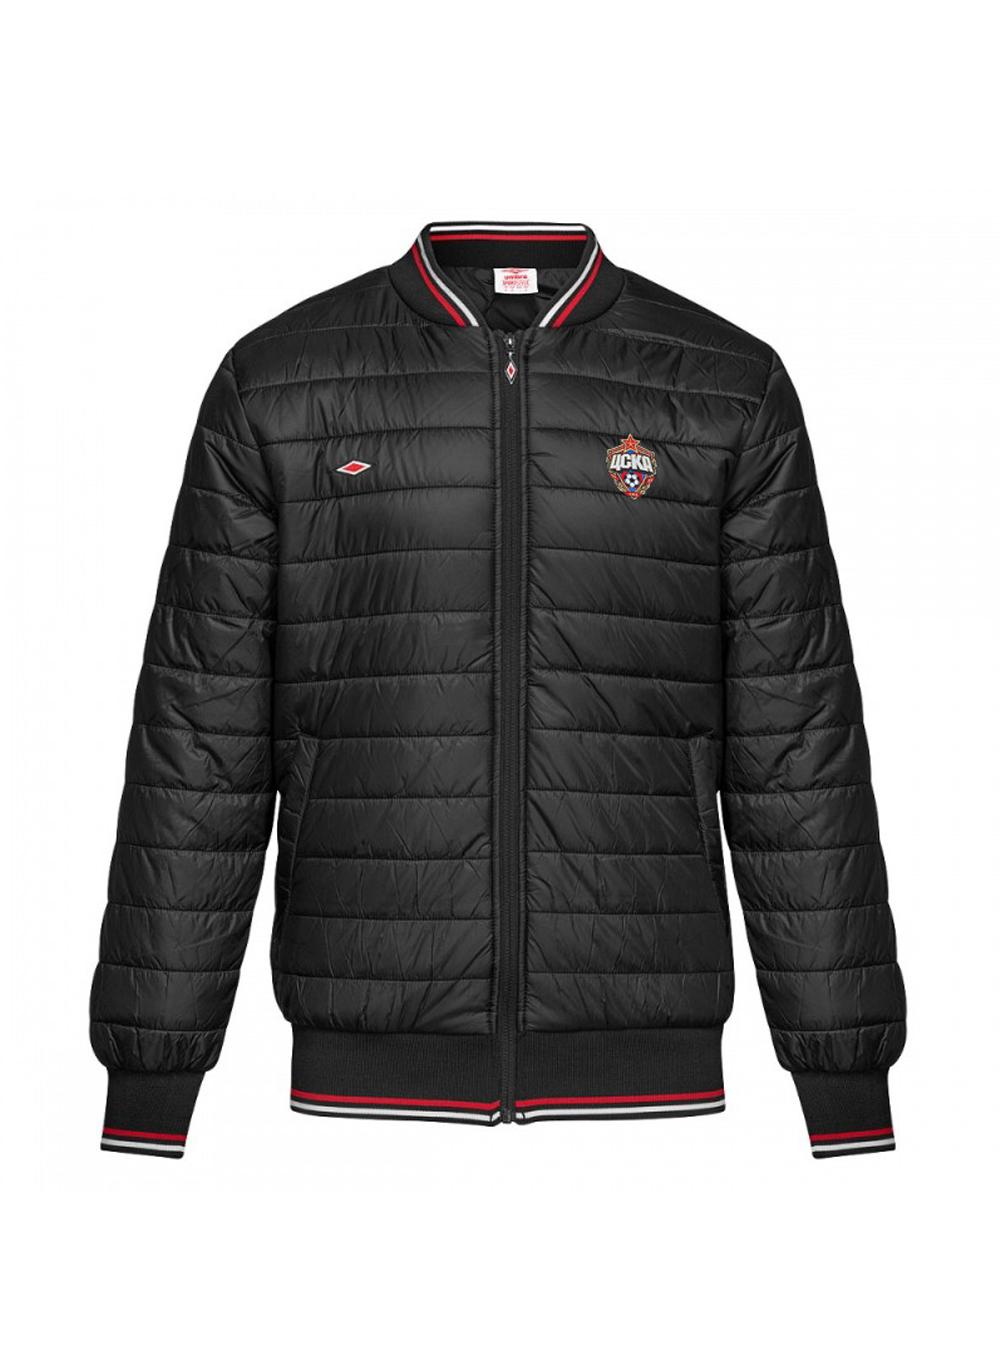 Купить Куртка-бомбер утепленная легкая черная (XL) по Нижнему Новгороду